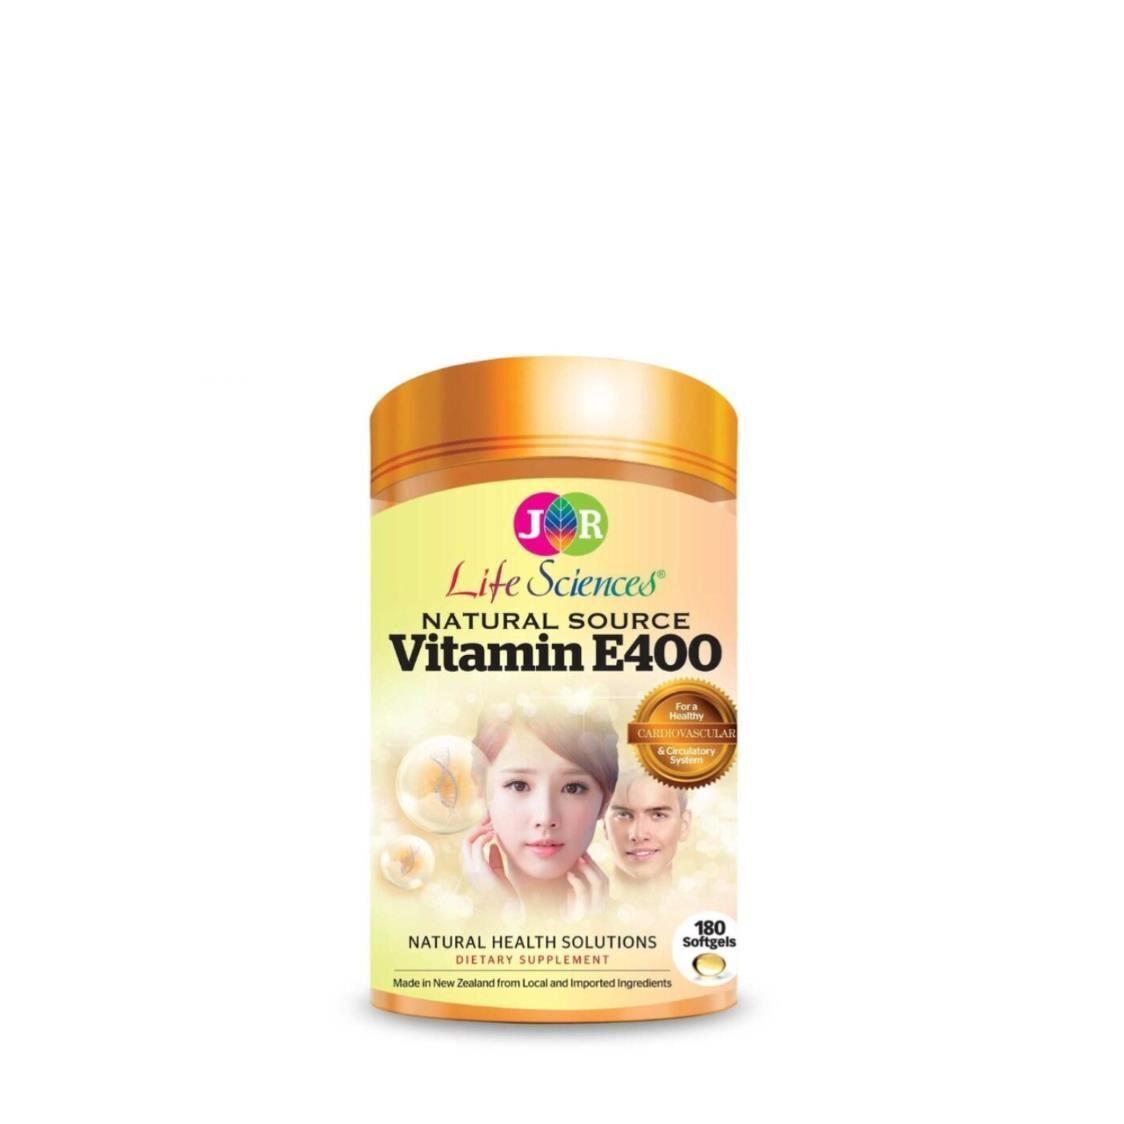 JR Life Sciences Natural Source Vitamin E400 180 Softgels